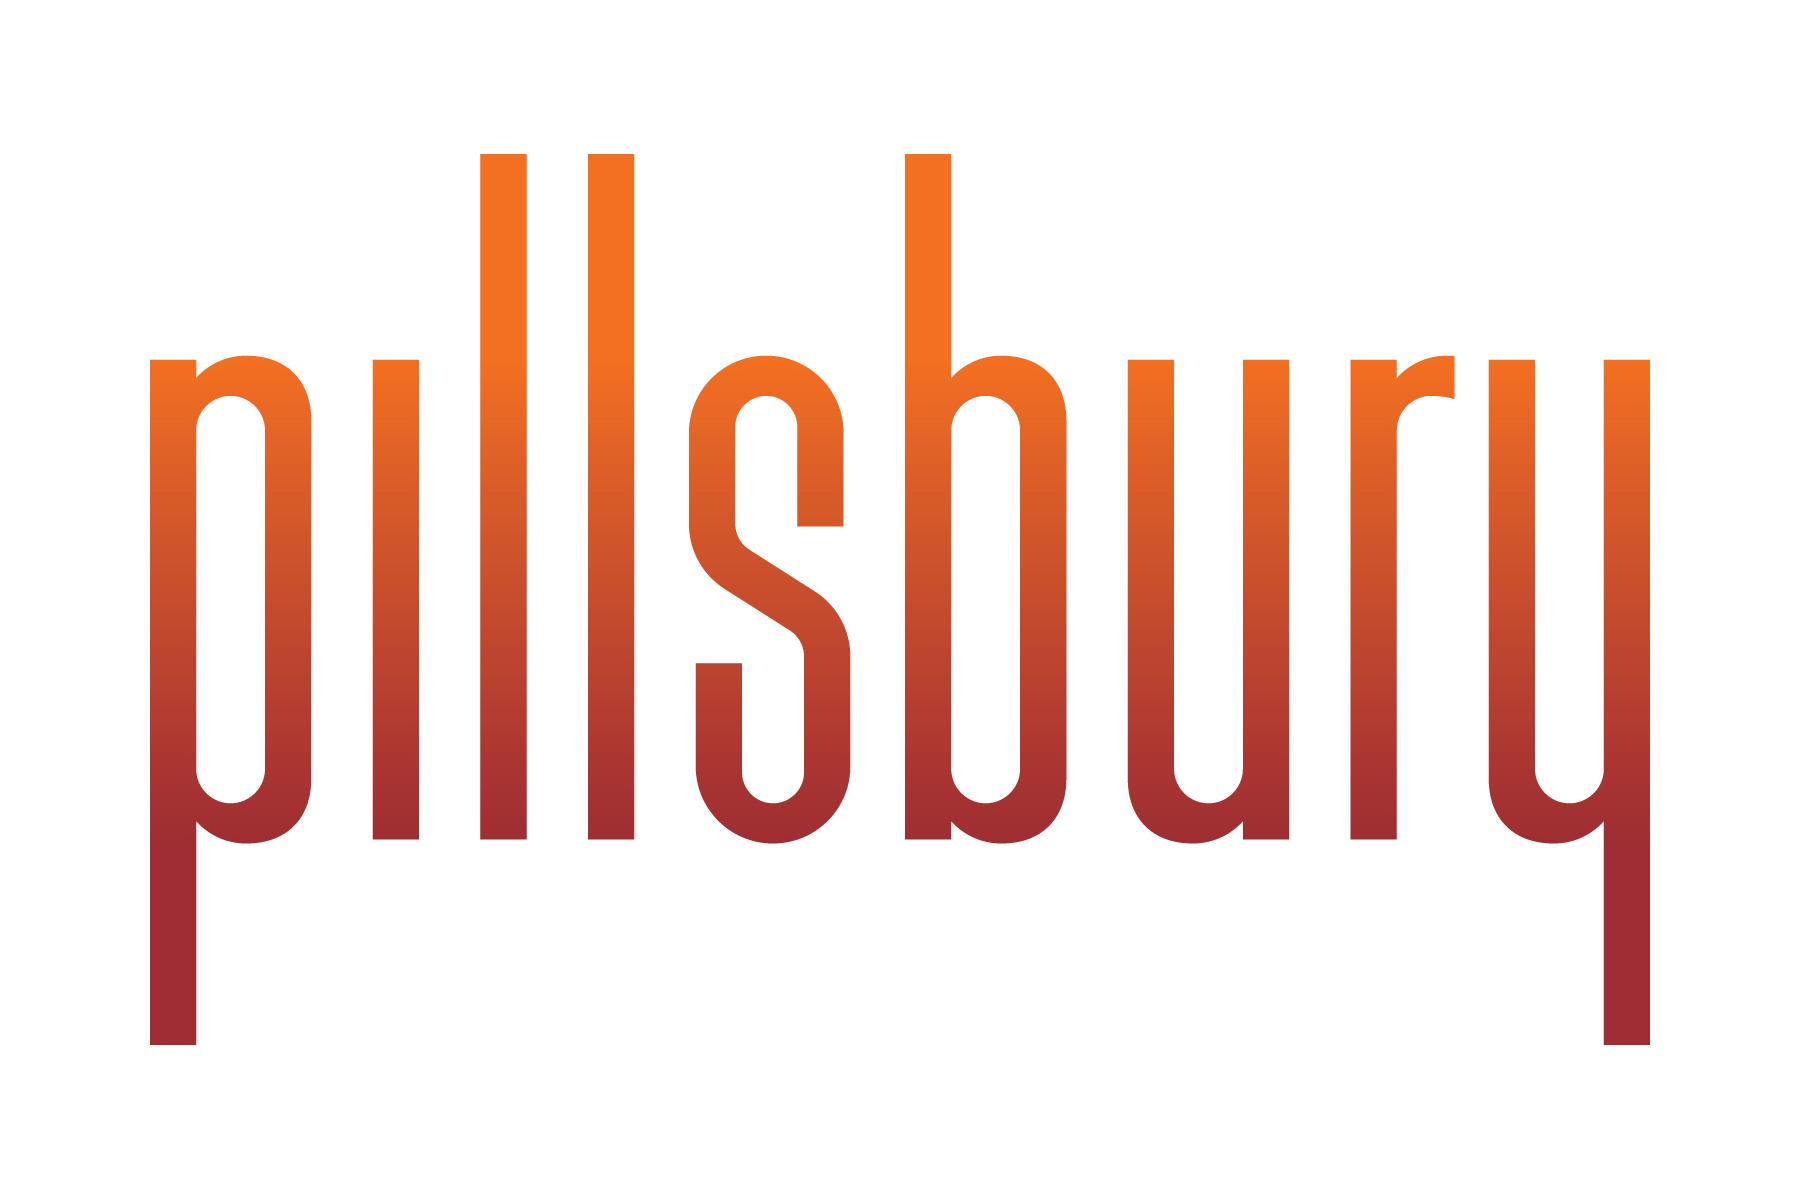 pillsbury.jpg